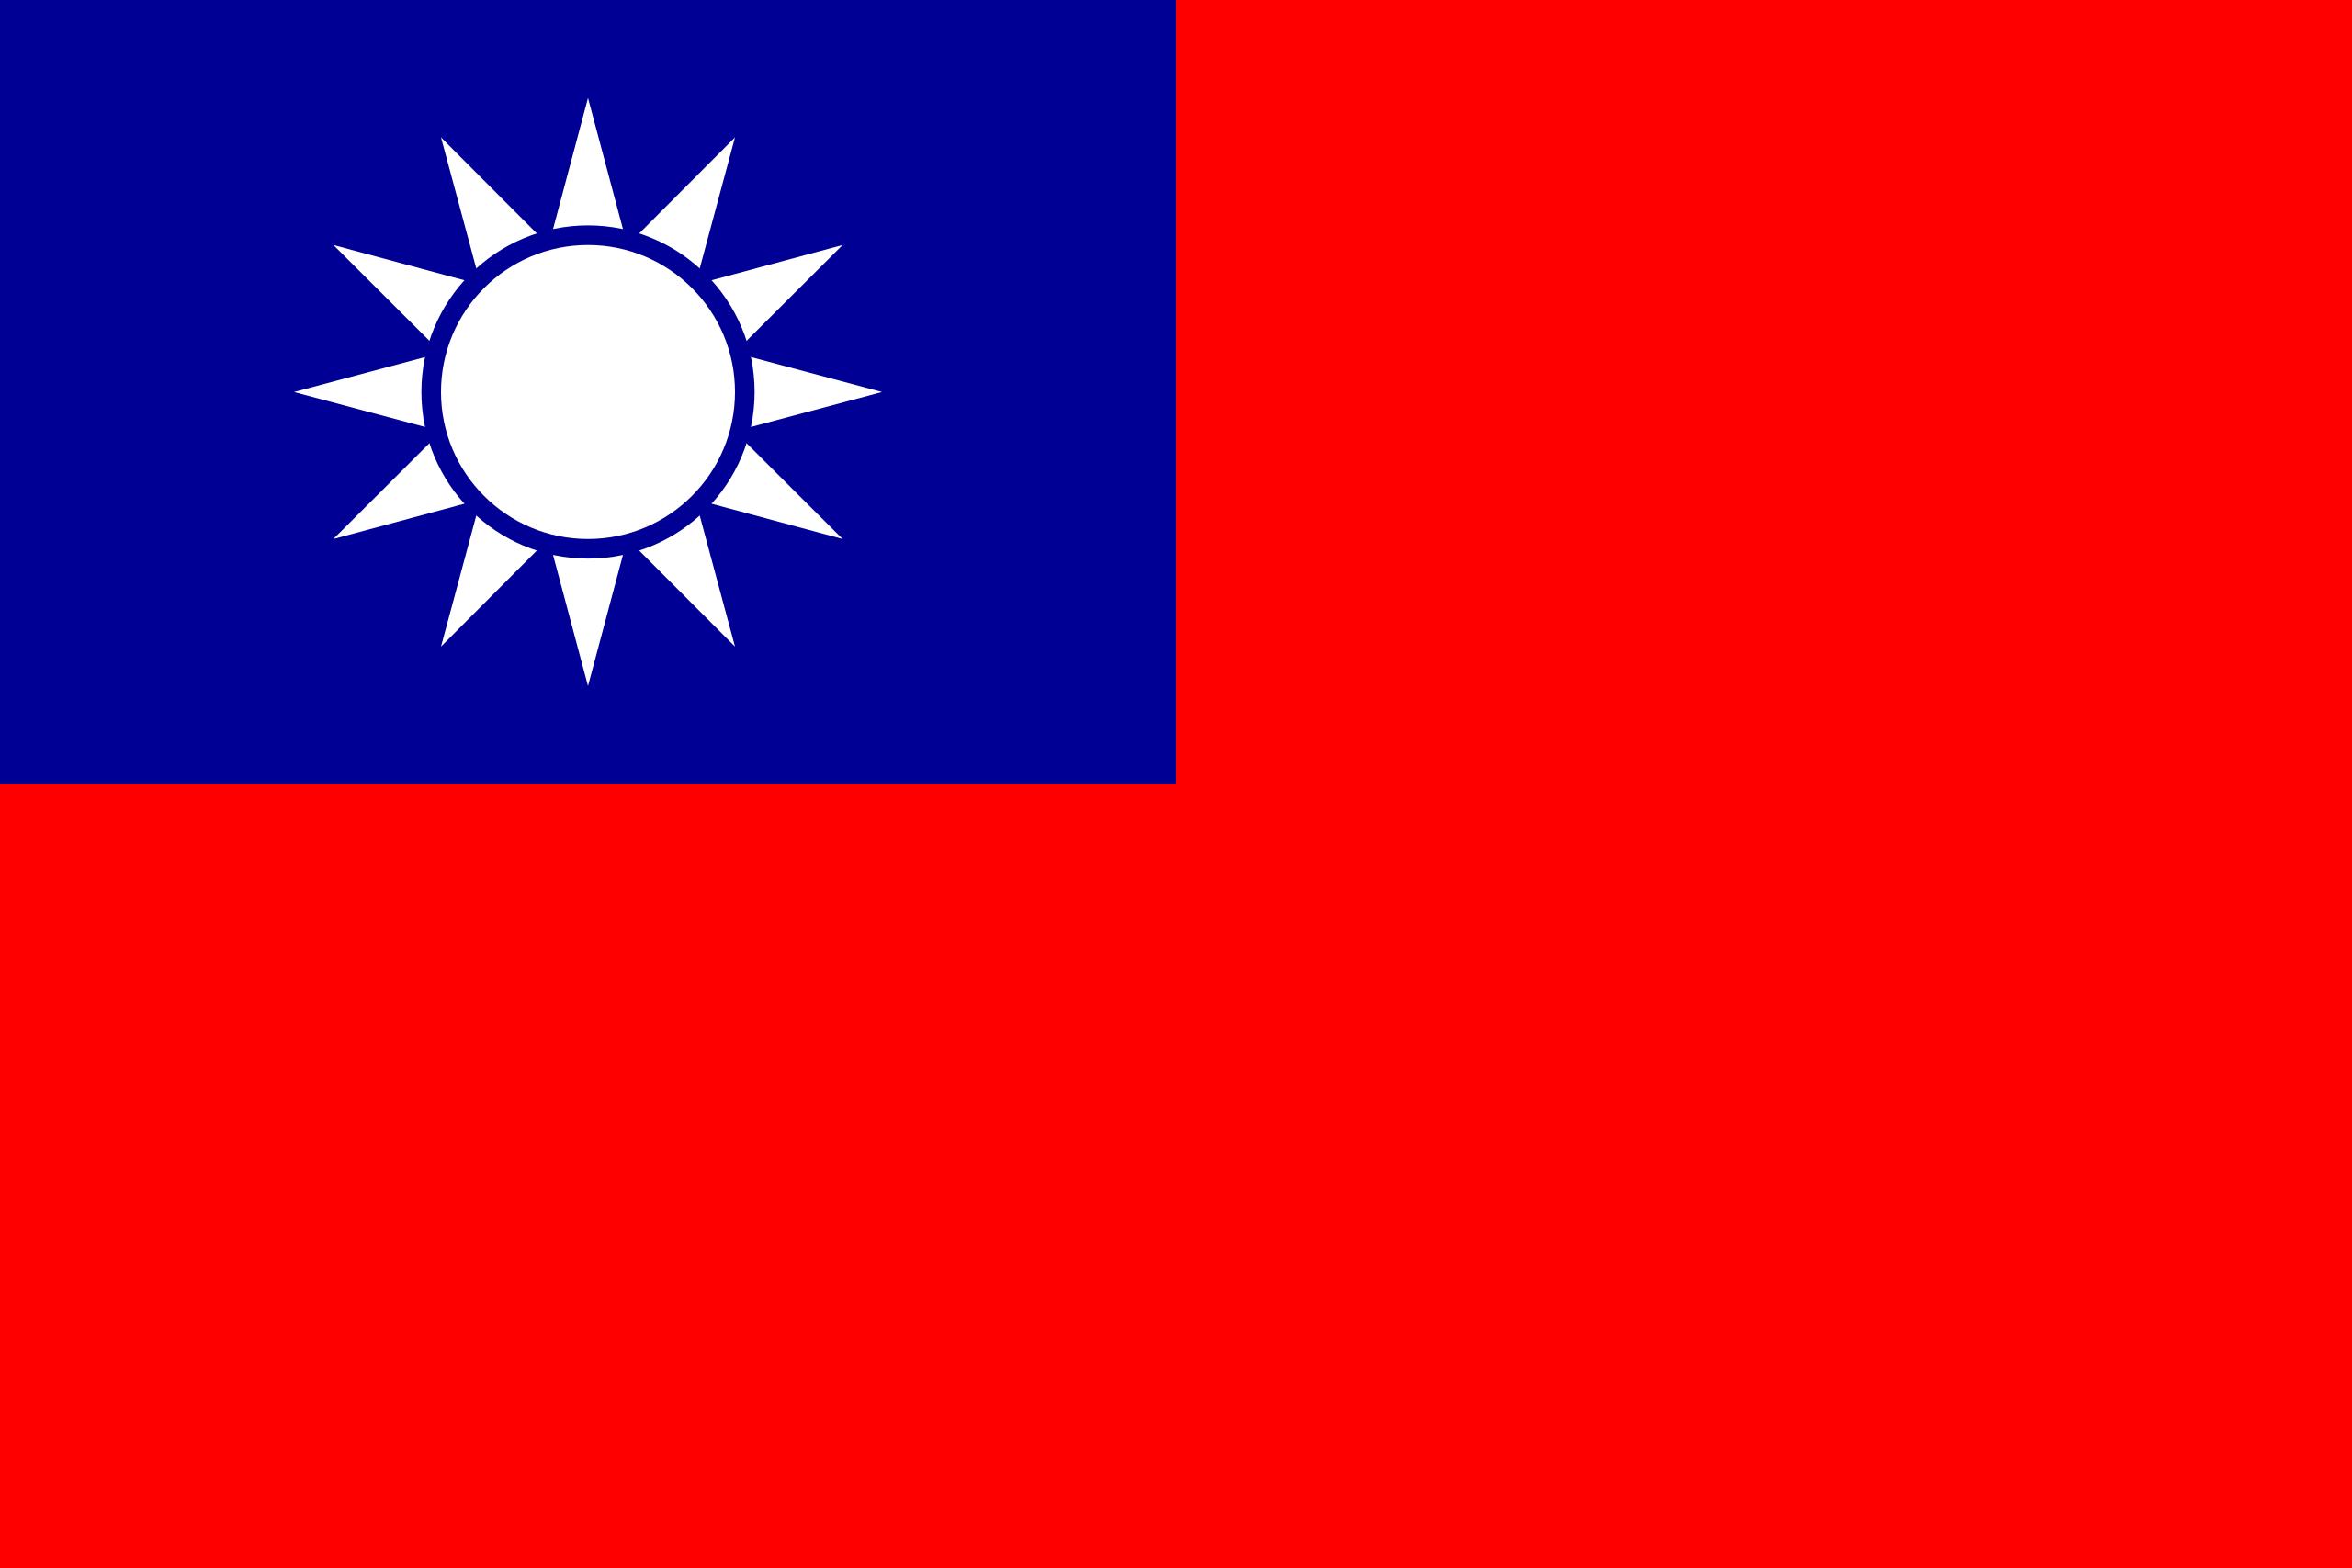 Republic Of China Taiwan Flag Taiwanese Flag China Flag